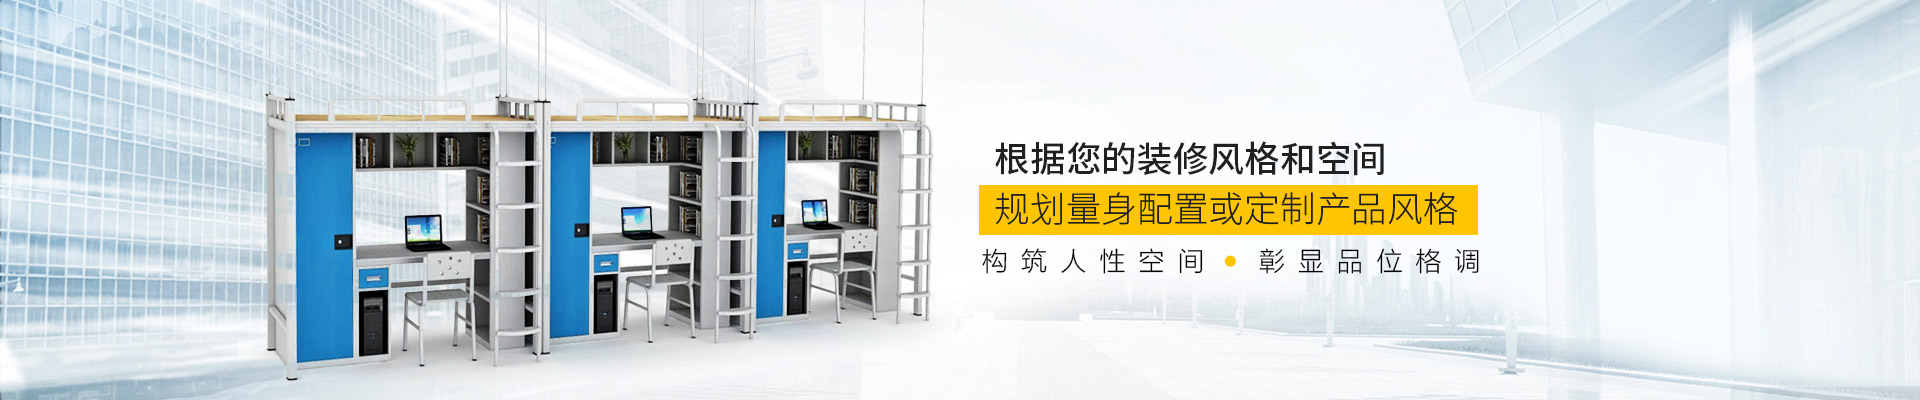 世纪联合办公家具-构筑人性空间,彰显品位格调